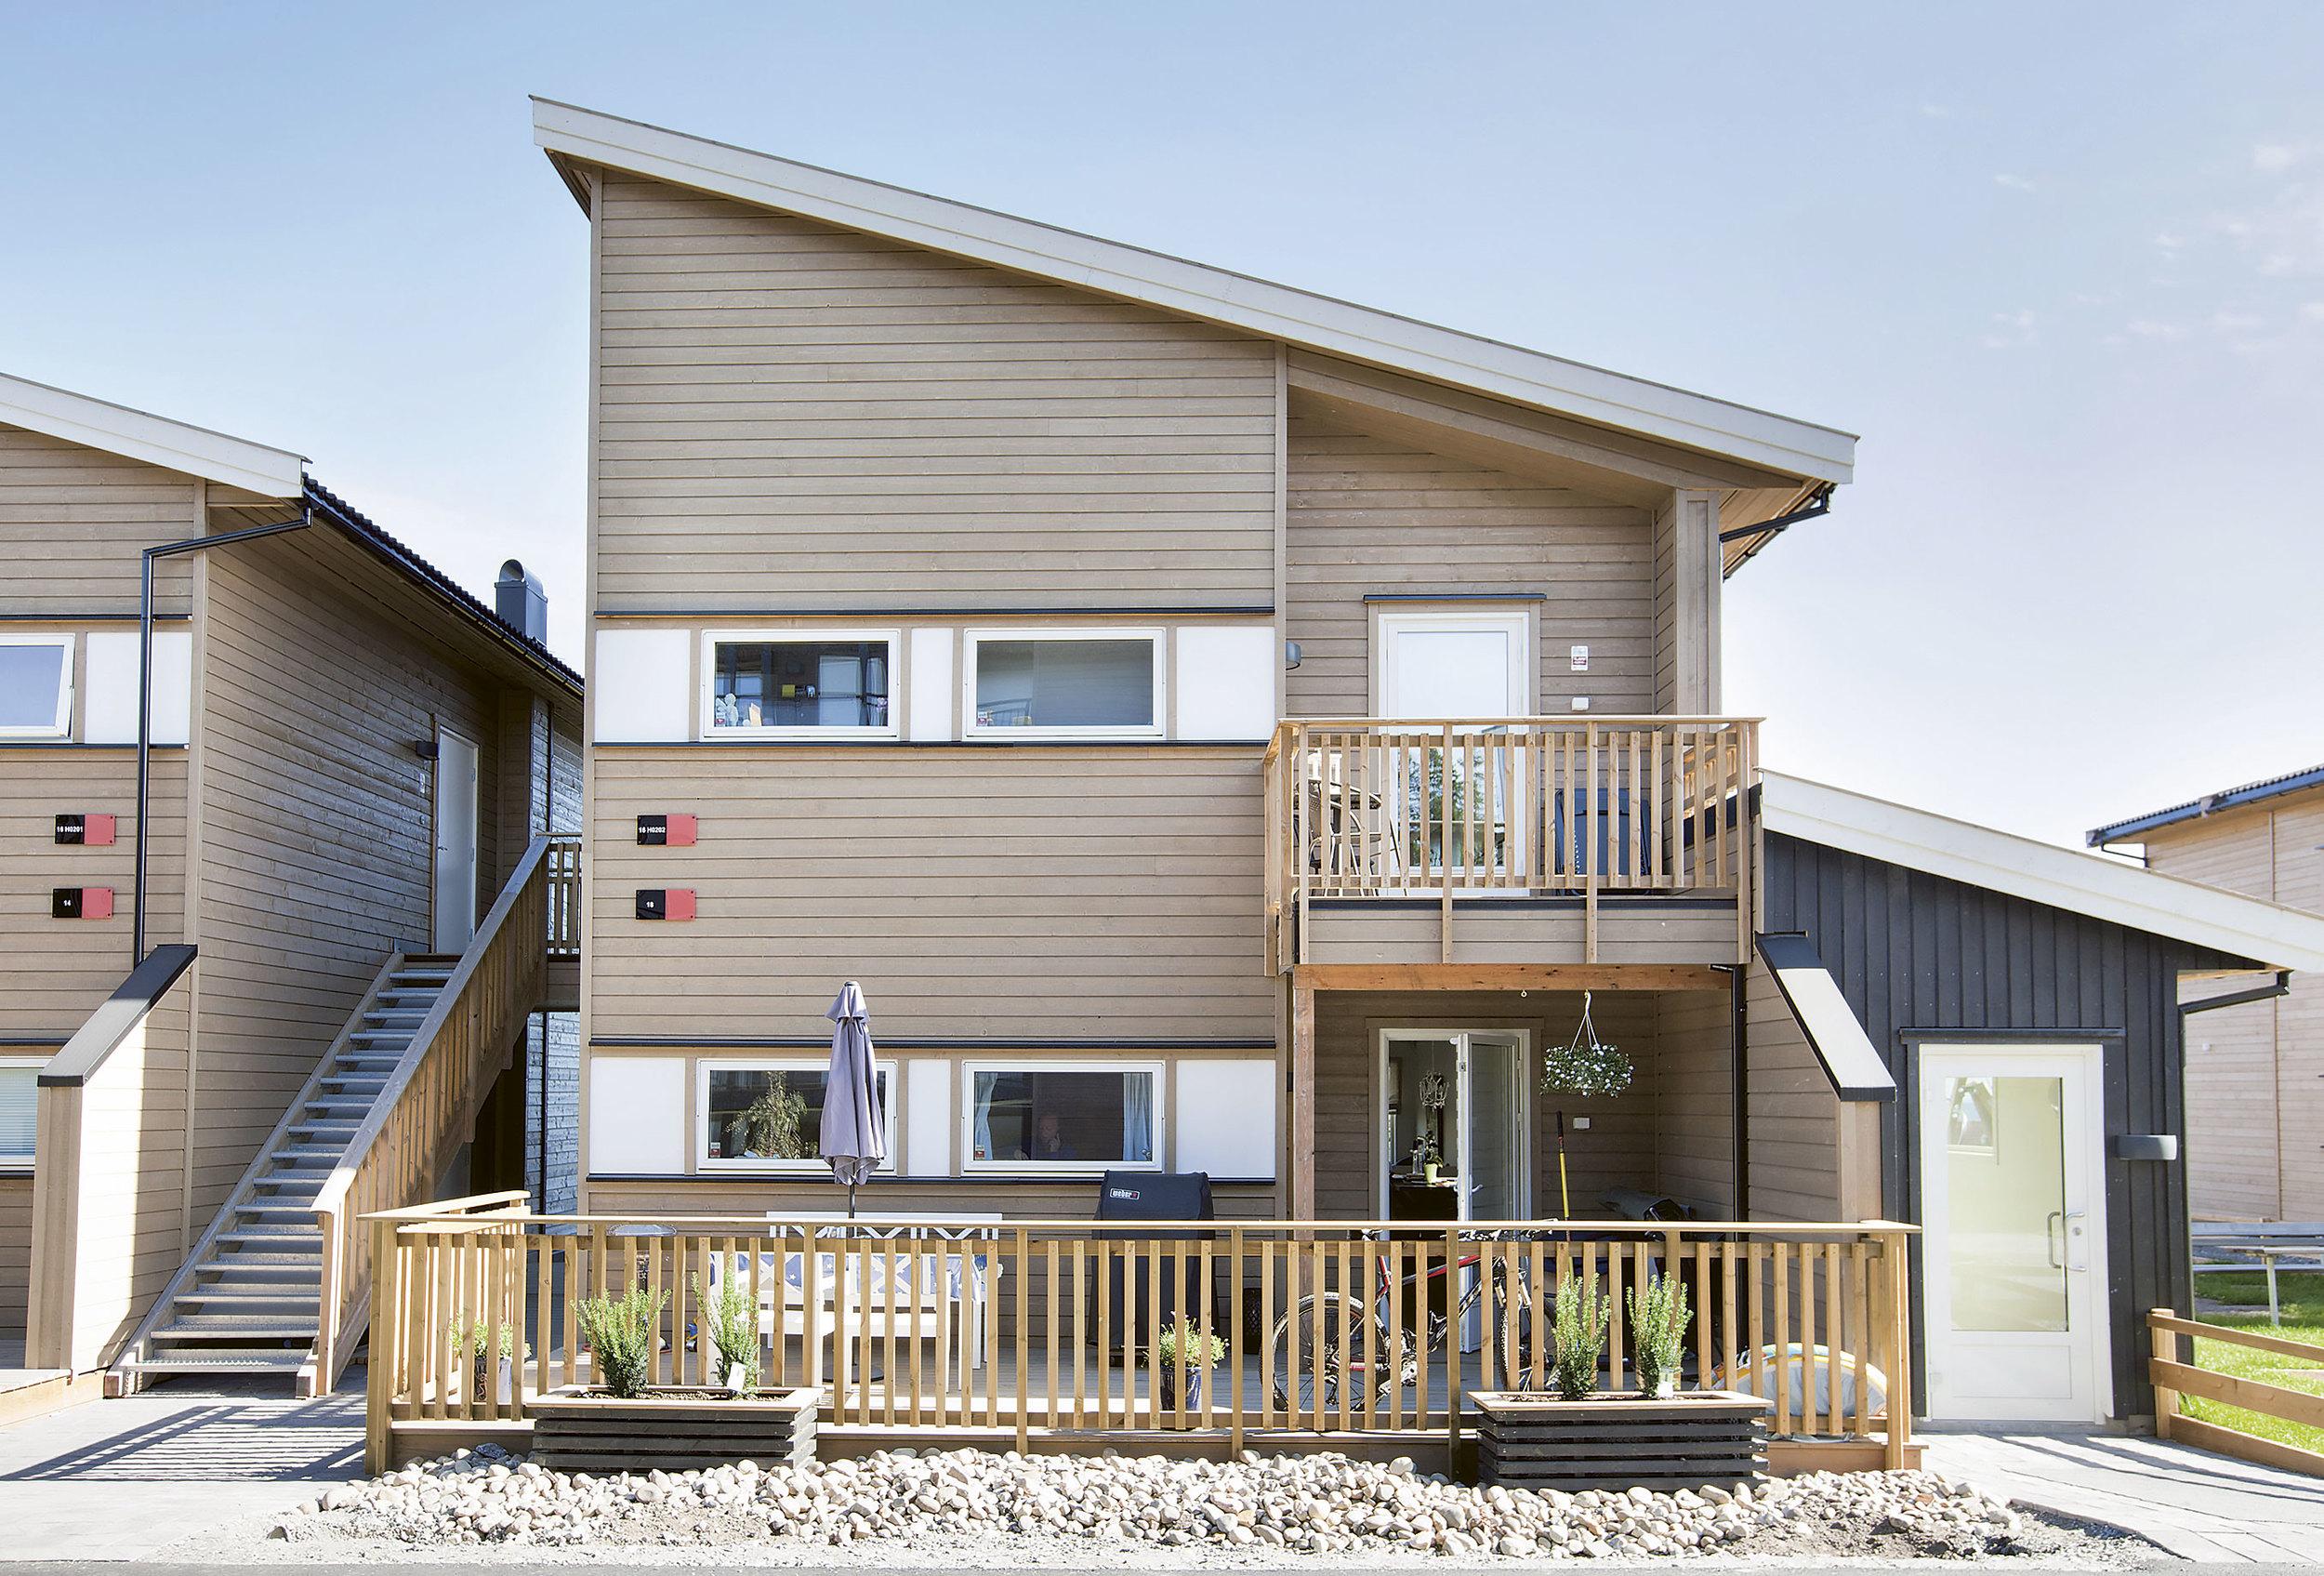 Block Watne skal totalt bygge 136 boliger på Vardefjellet i Sørum kommune på Romerike. Tredje og siste byggetrinn har nylig startet opp. Foto: Block Watne